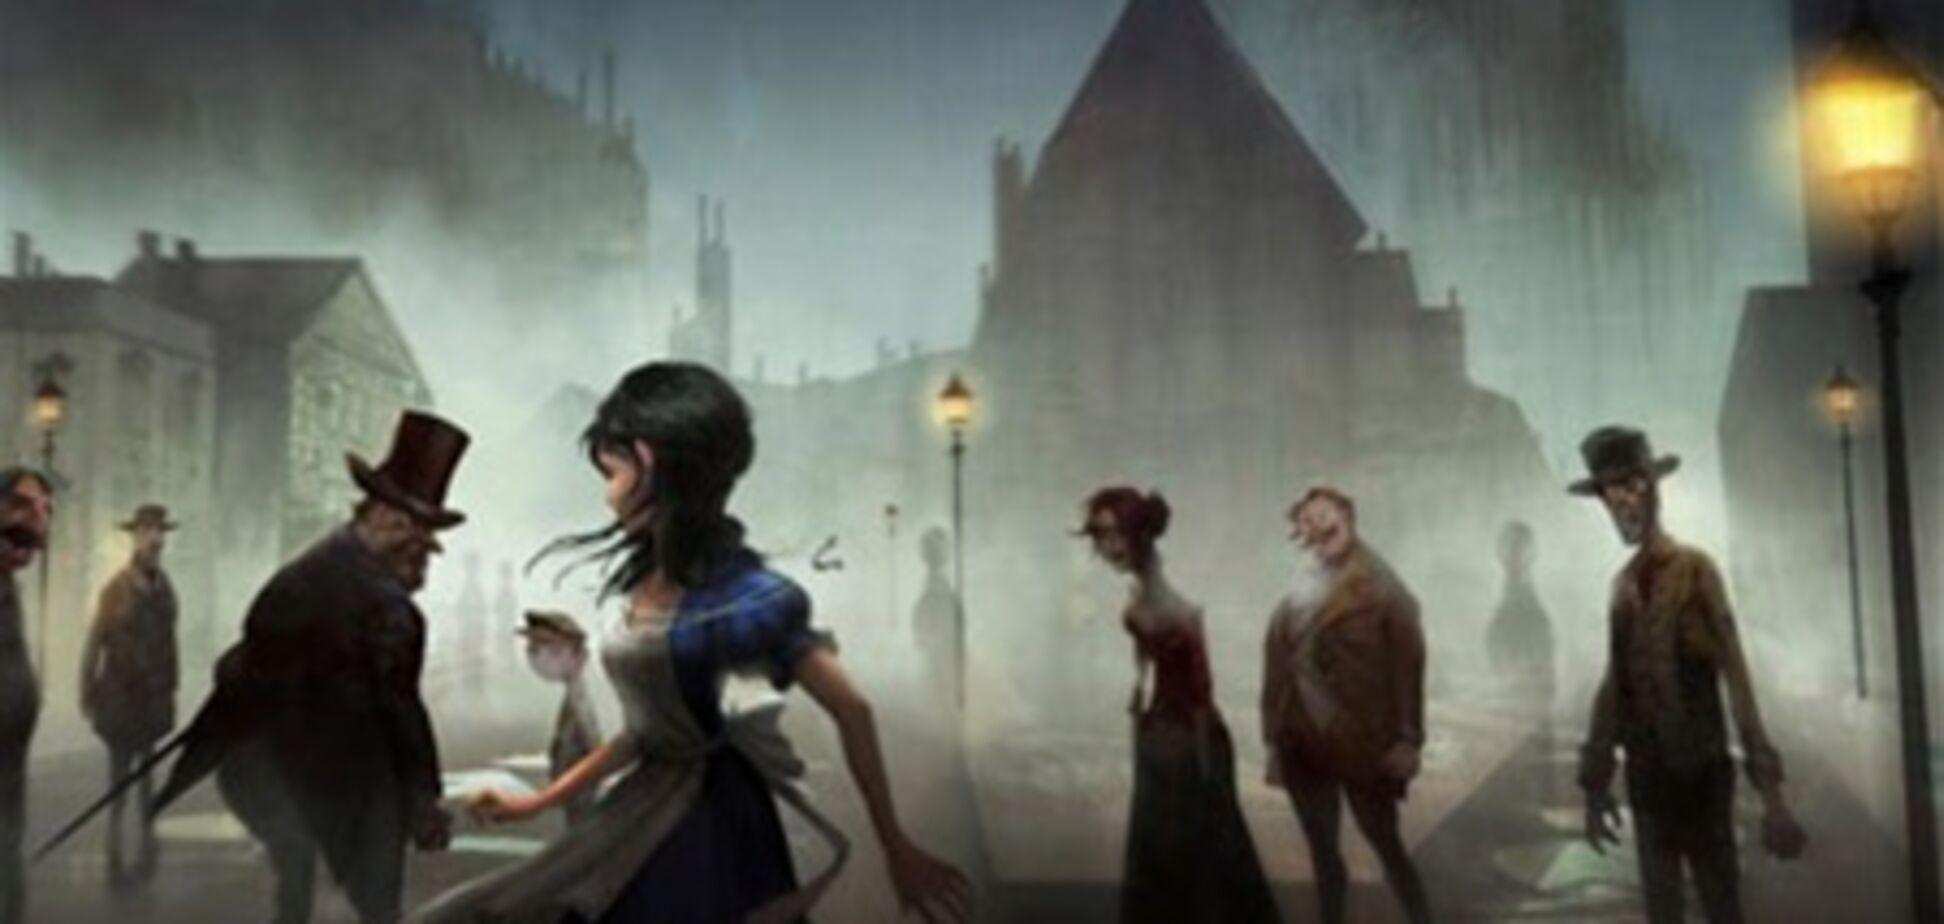 Зомби-версия 'Страны Оз' не появится из-за фильма про Алису